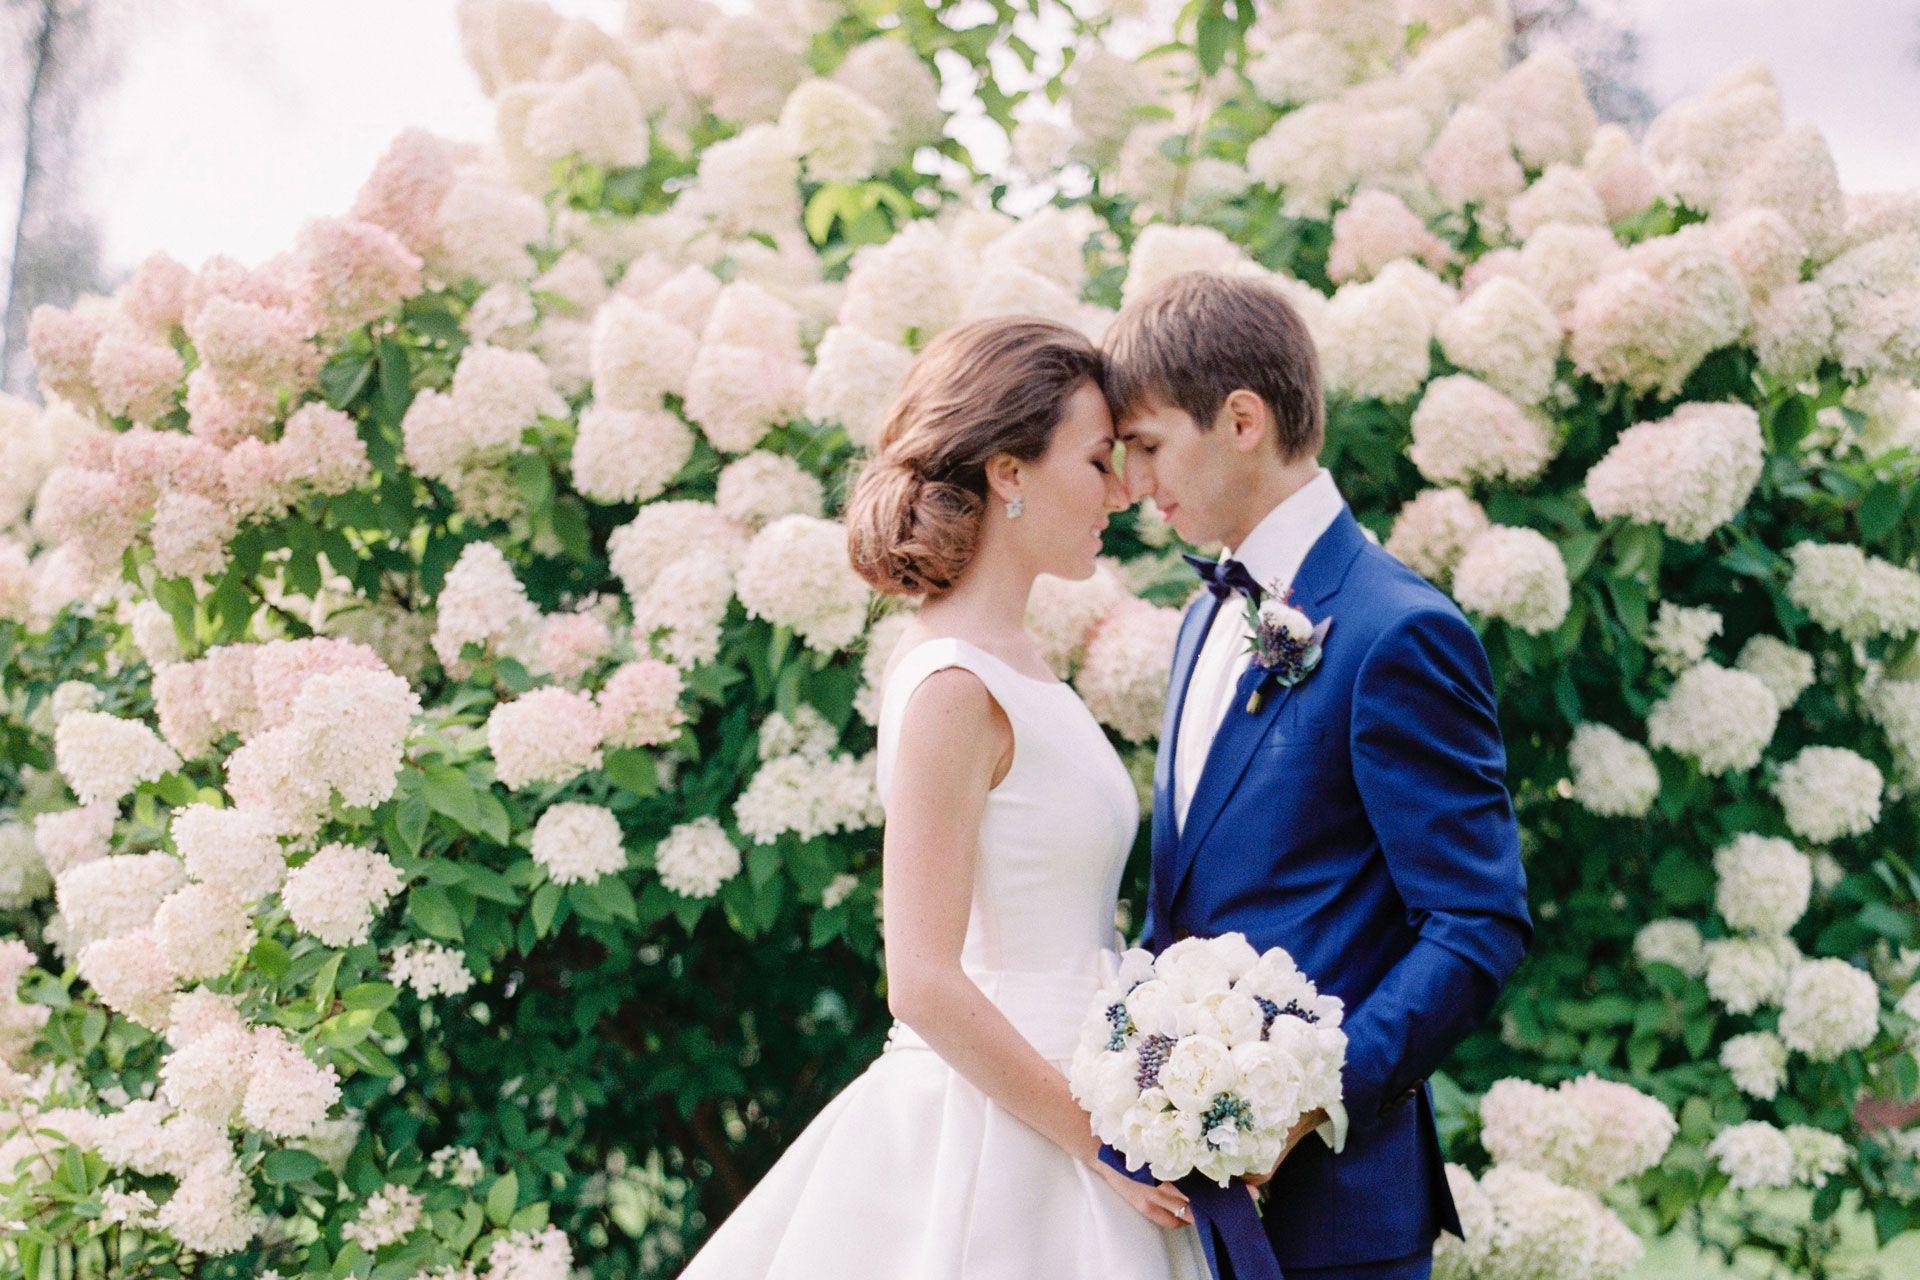 Вечер при свечах. Свадьба Николая и Кристины фото 12